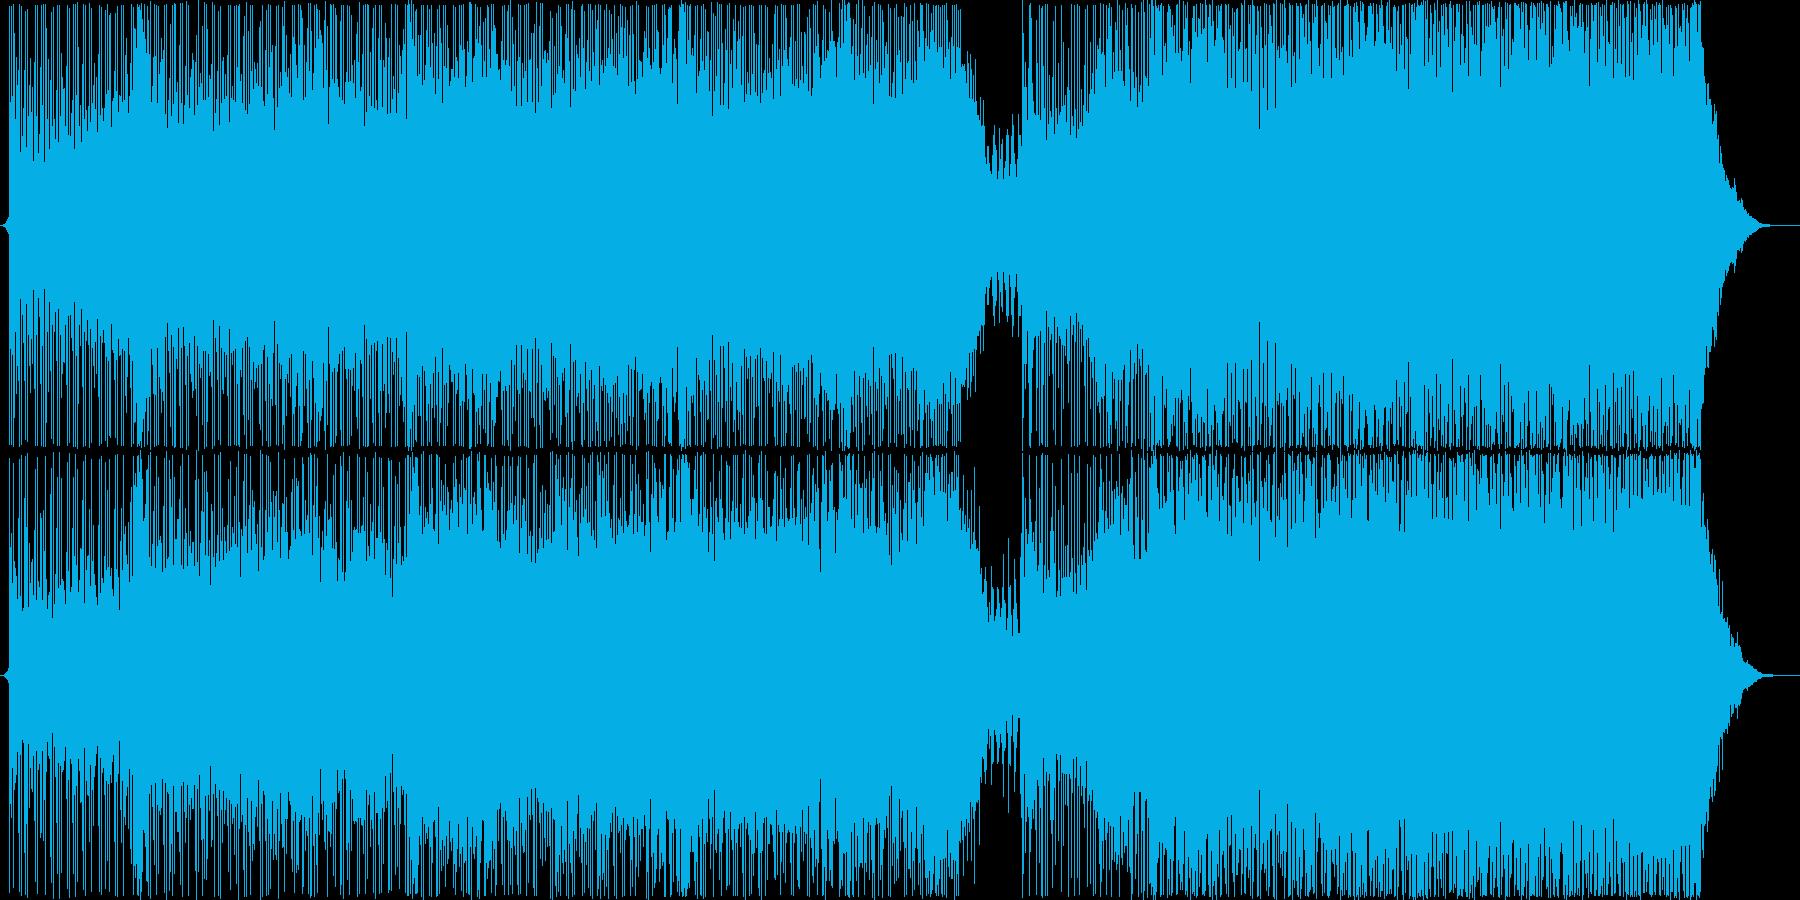 シリアスで疾走感あるテクノ系ビートの再生済みの波形